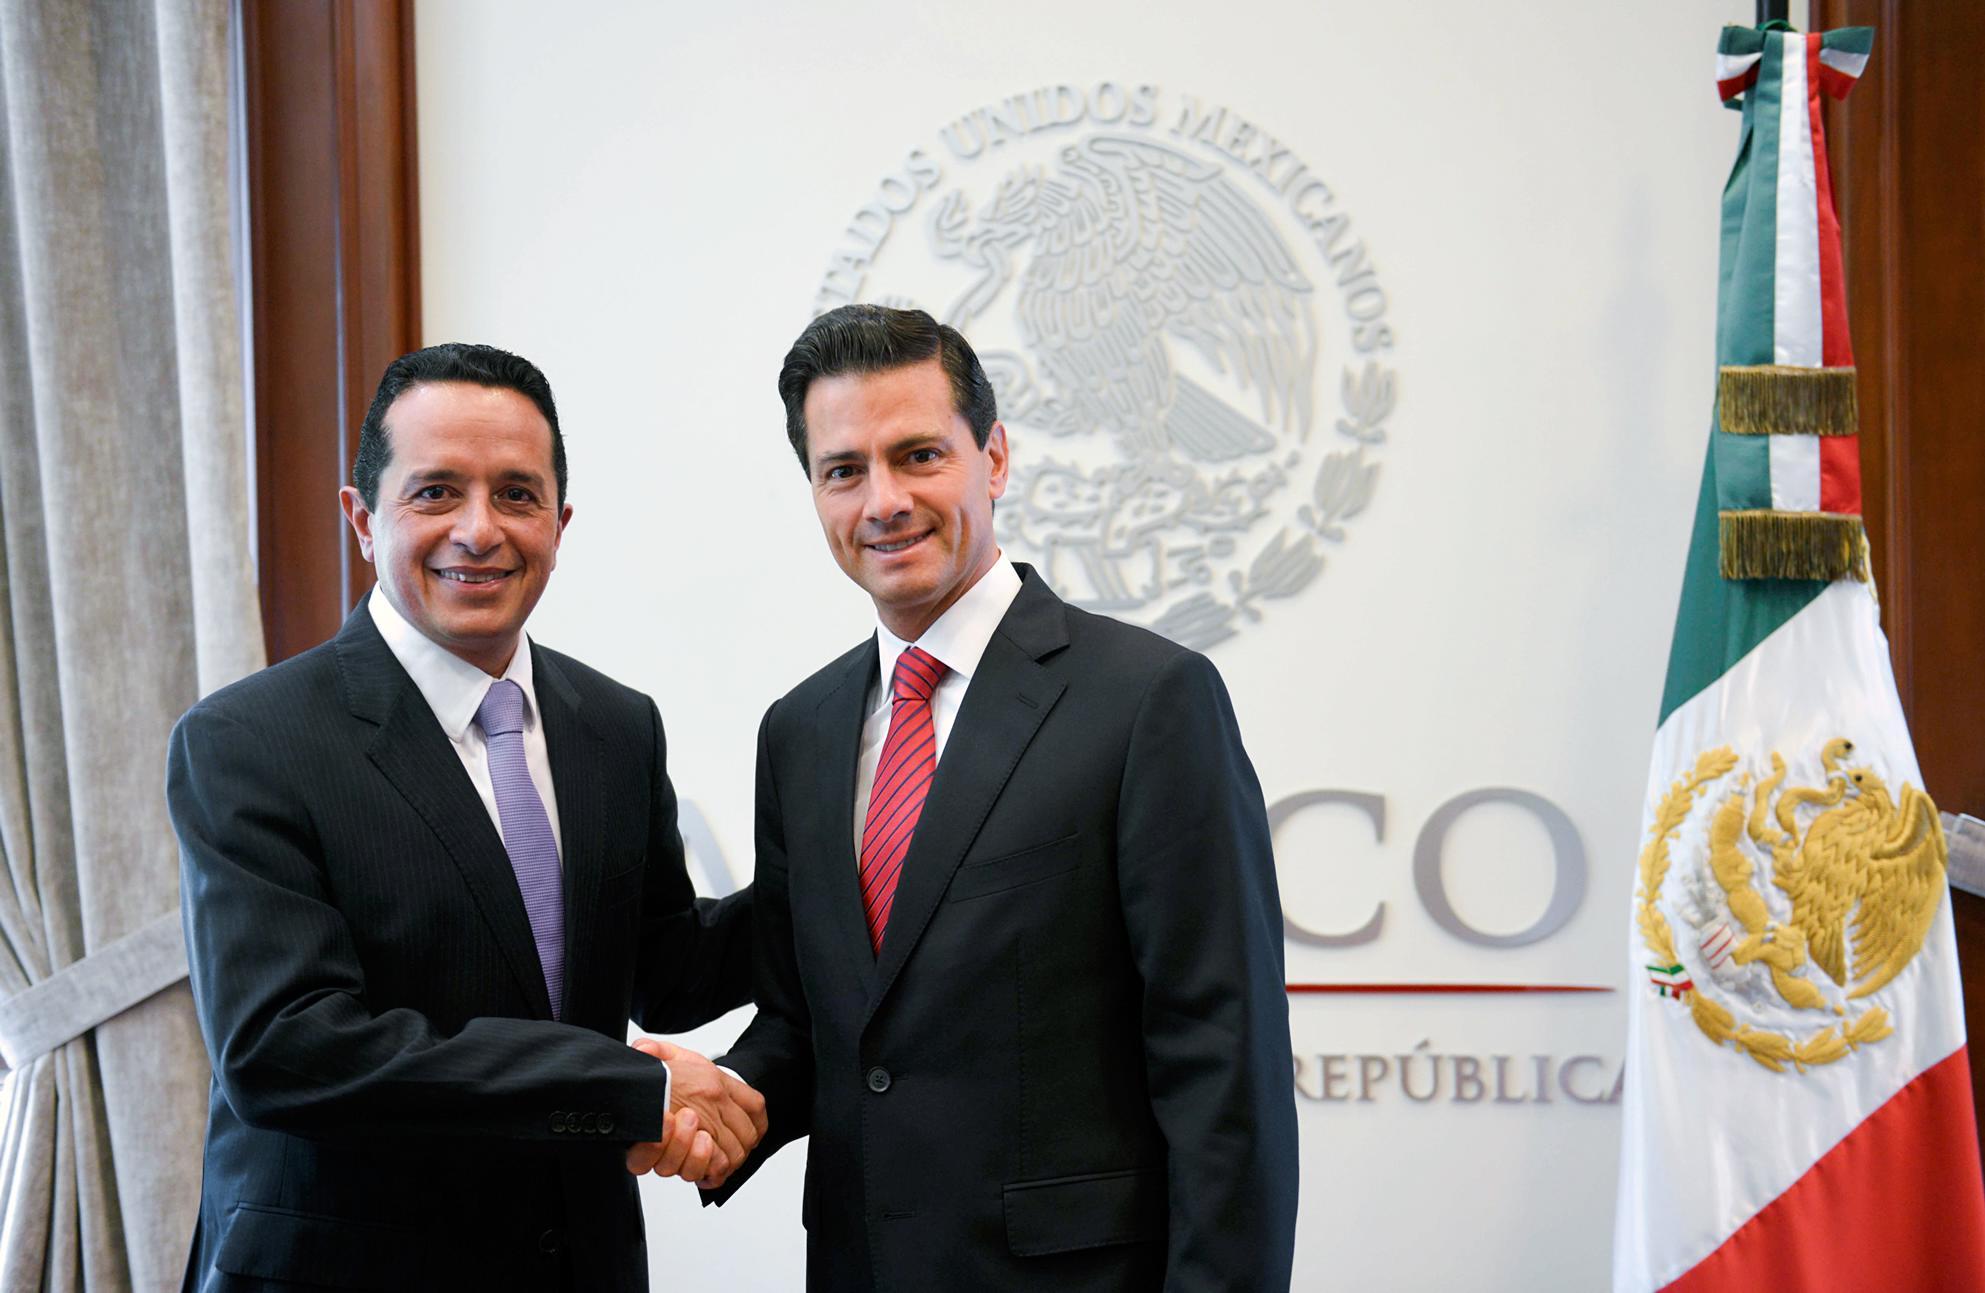 El Presidente de la República, Enrique Peña Nieto, se reunió con el Gobernador Electo de Quintana Roo, Carlos Joaquín González.